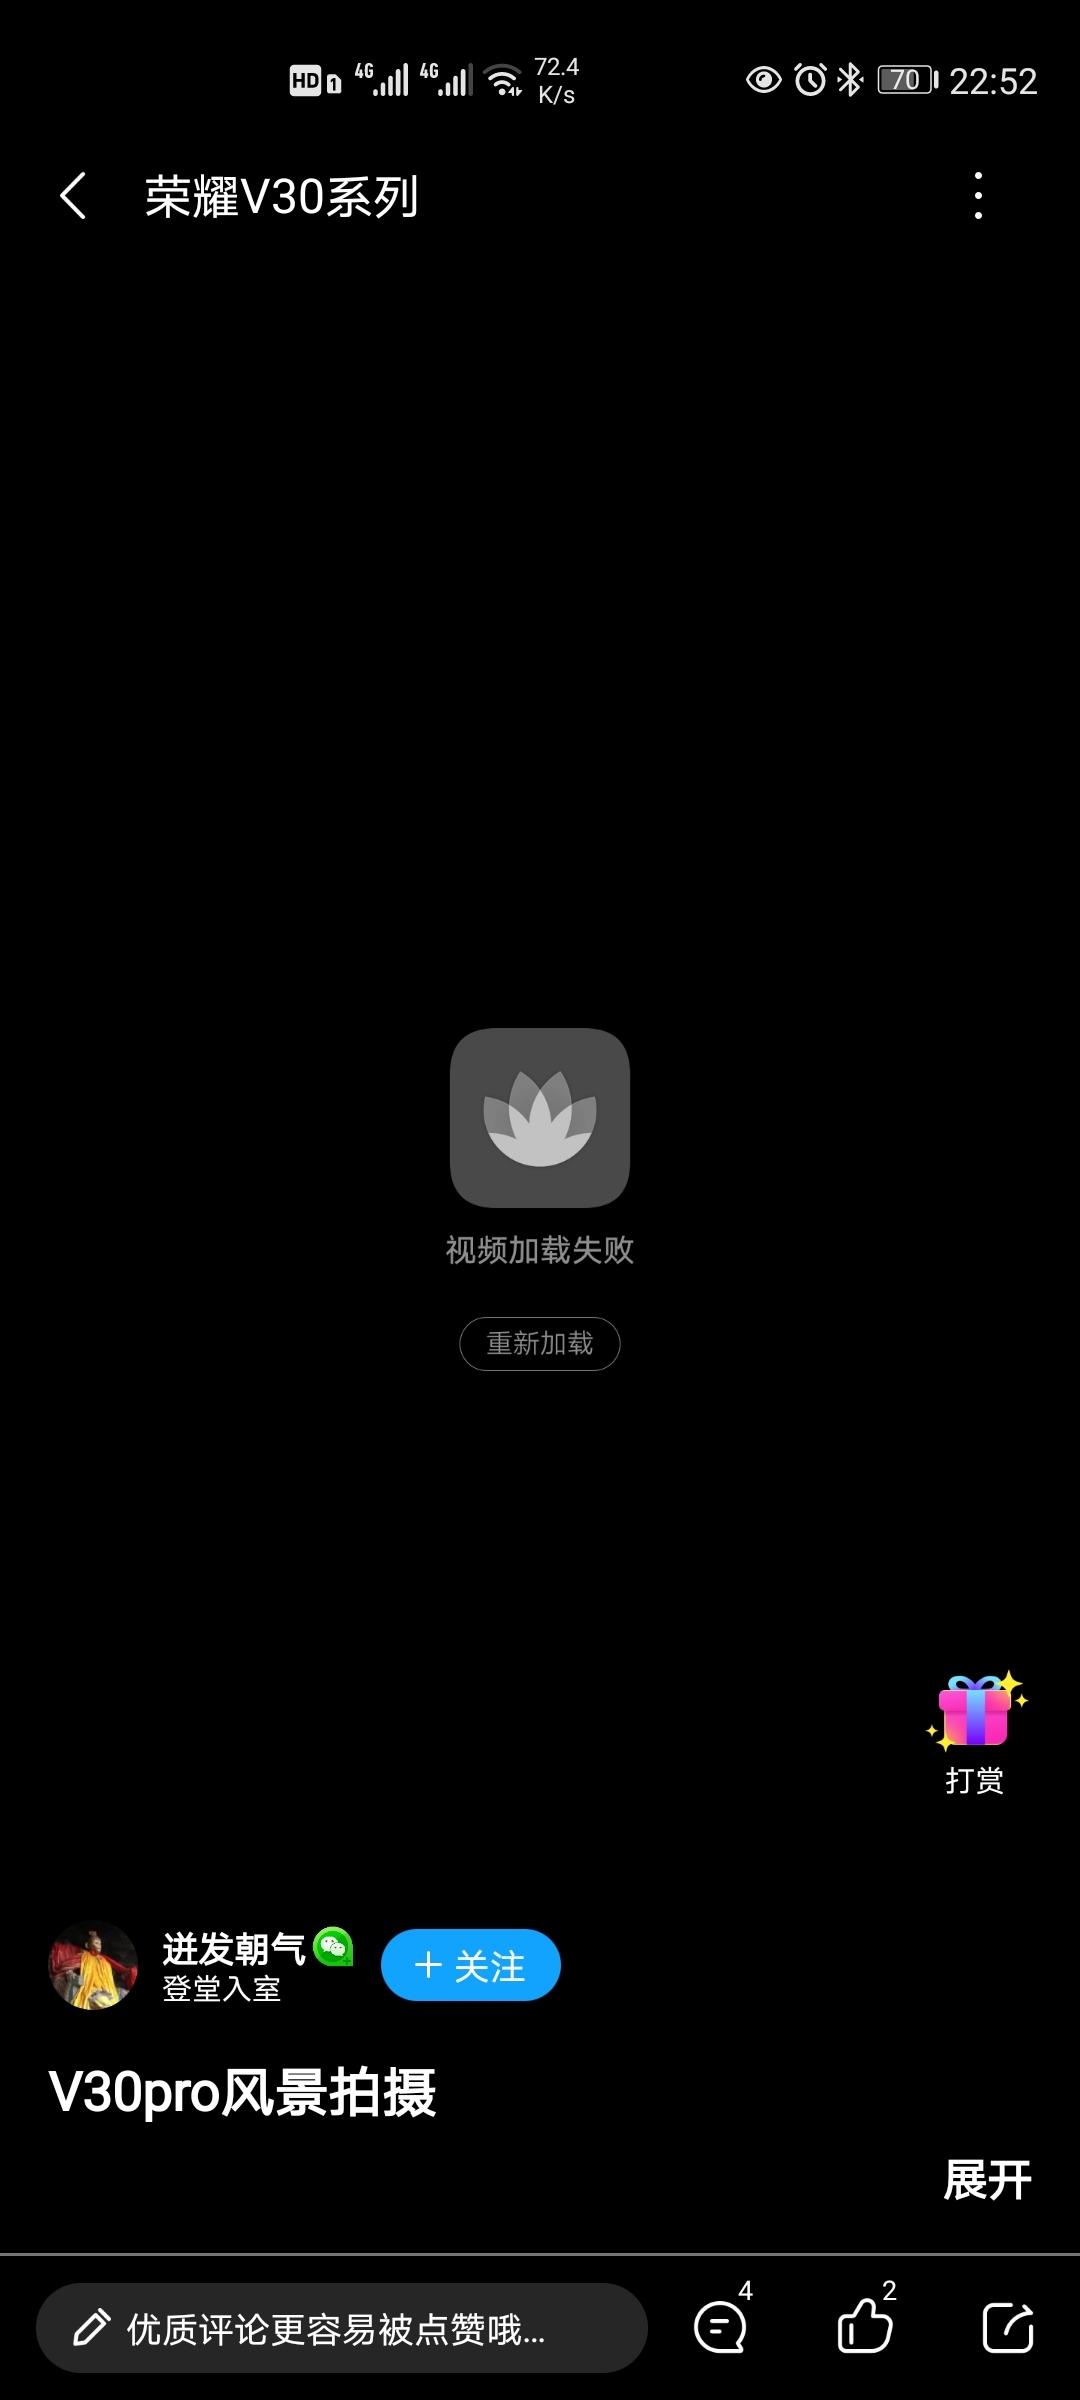 Screenshot_20200508_225220_com.huawei.fans.jpg